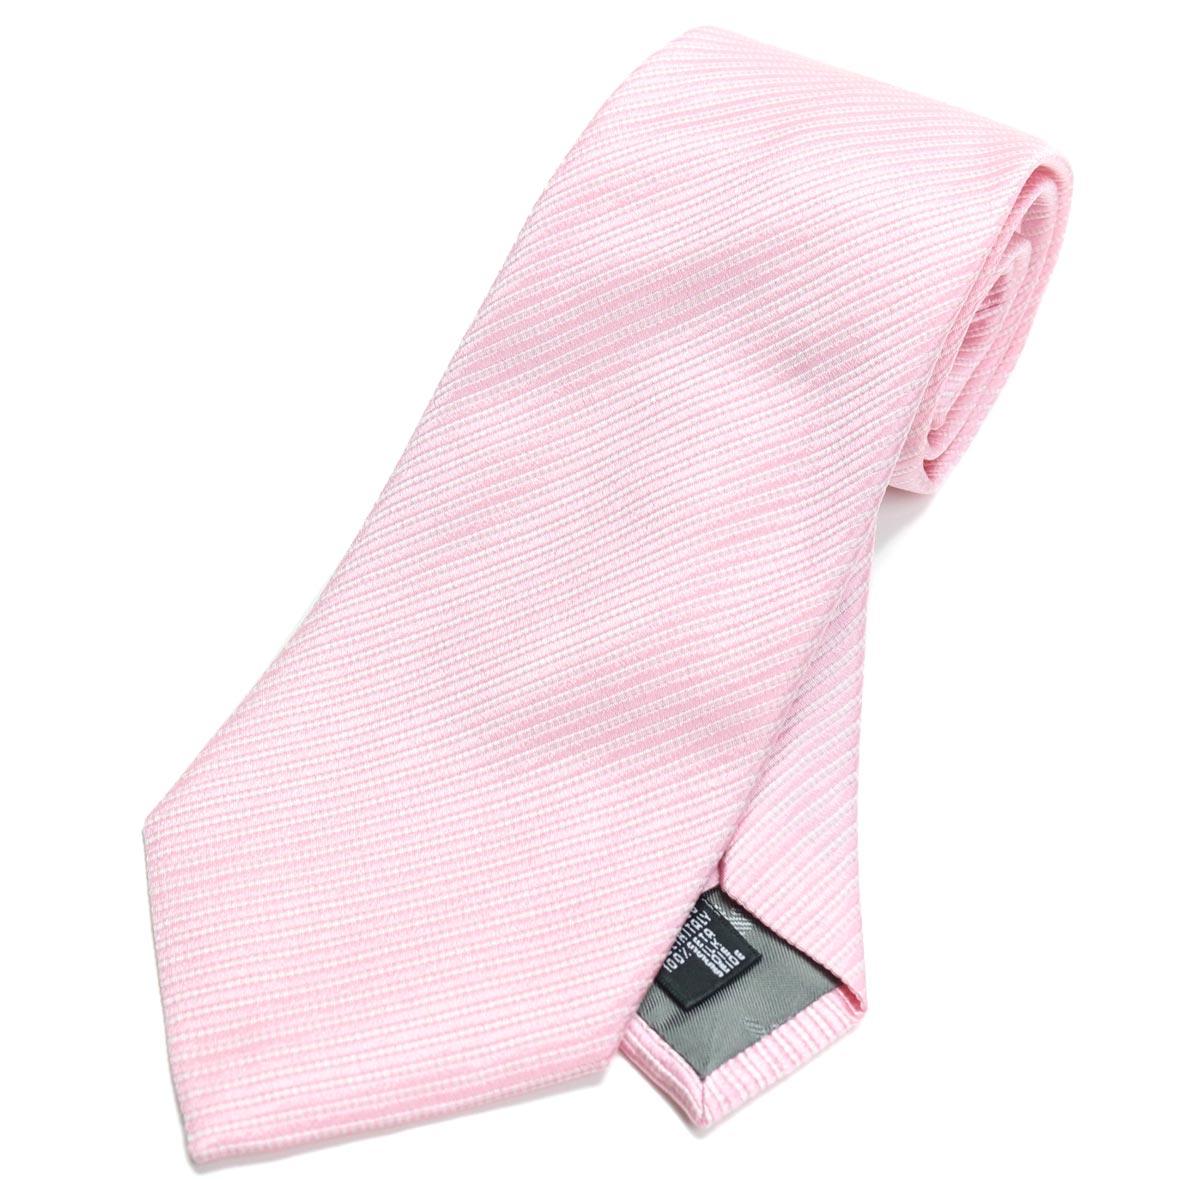 エンポリオ アルマーニ EMPORIO ARMANI ストライプ柄 ネクタイ レギュラータイ 340182 0P306 00070 PINK ピンク系 【メンズ】